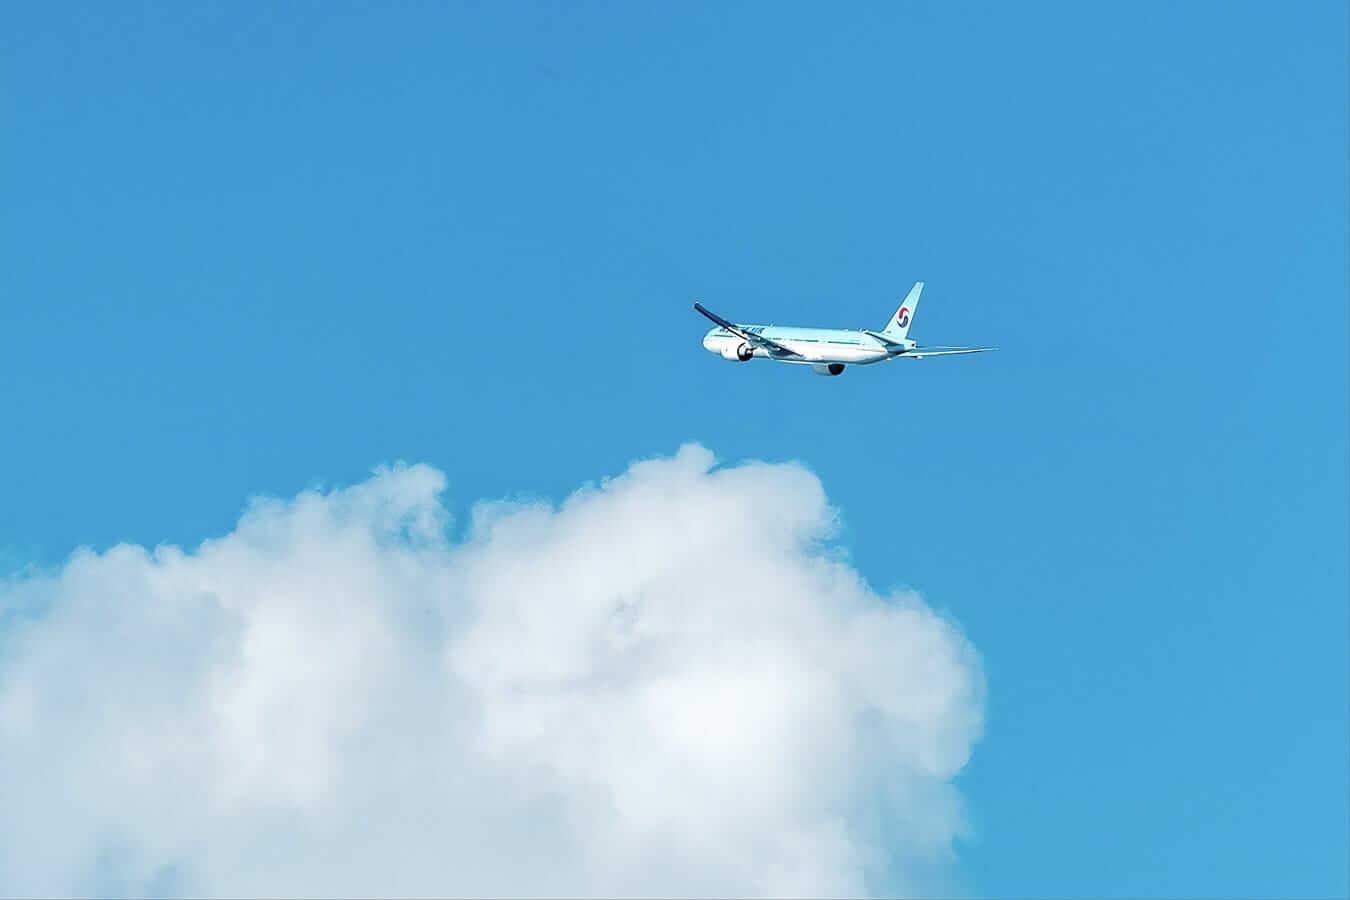 Plane: Hoi An airport